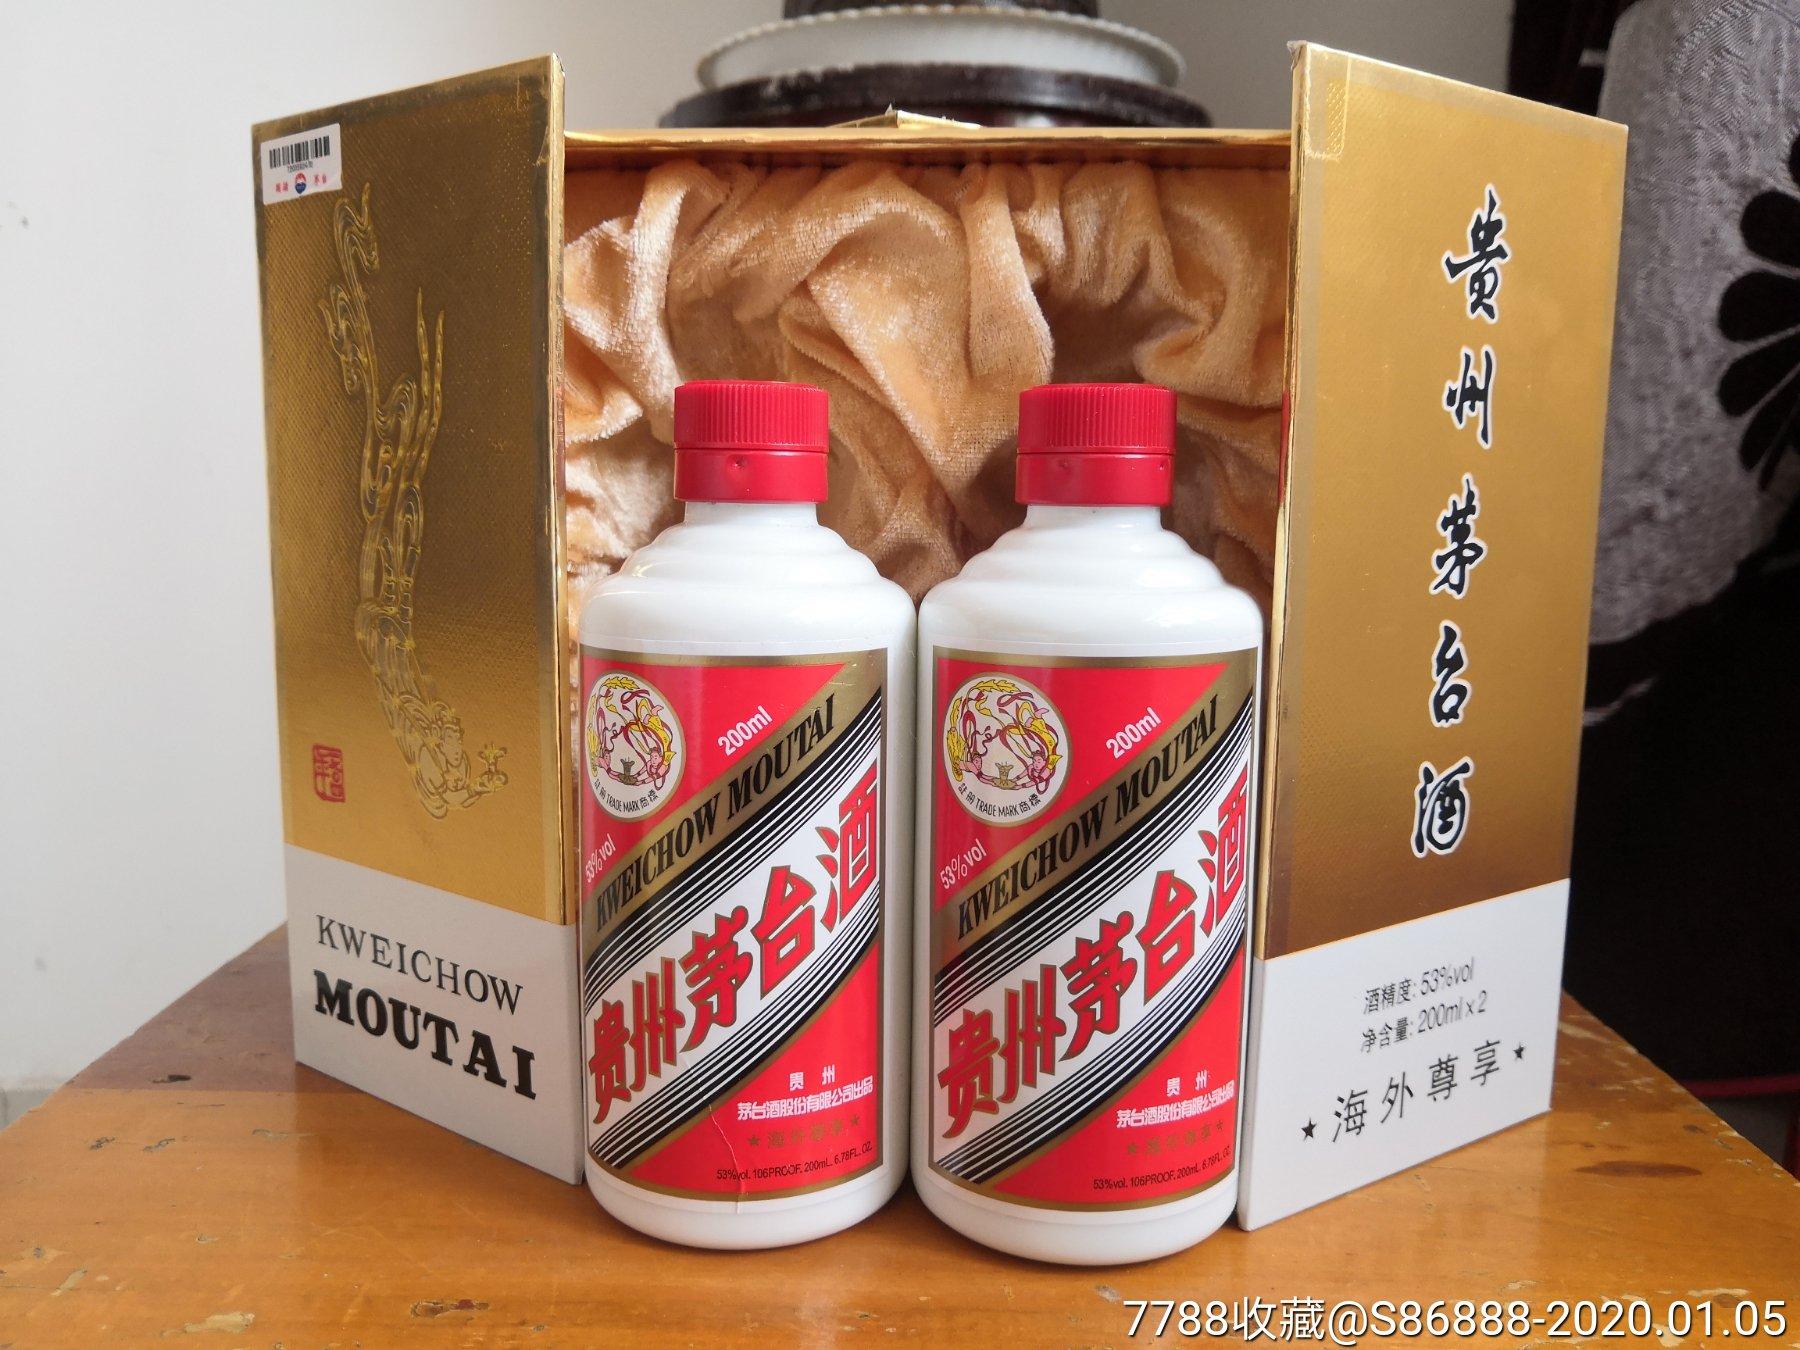 海外遵享一一茅�_酒瓶(au22079191)_